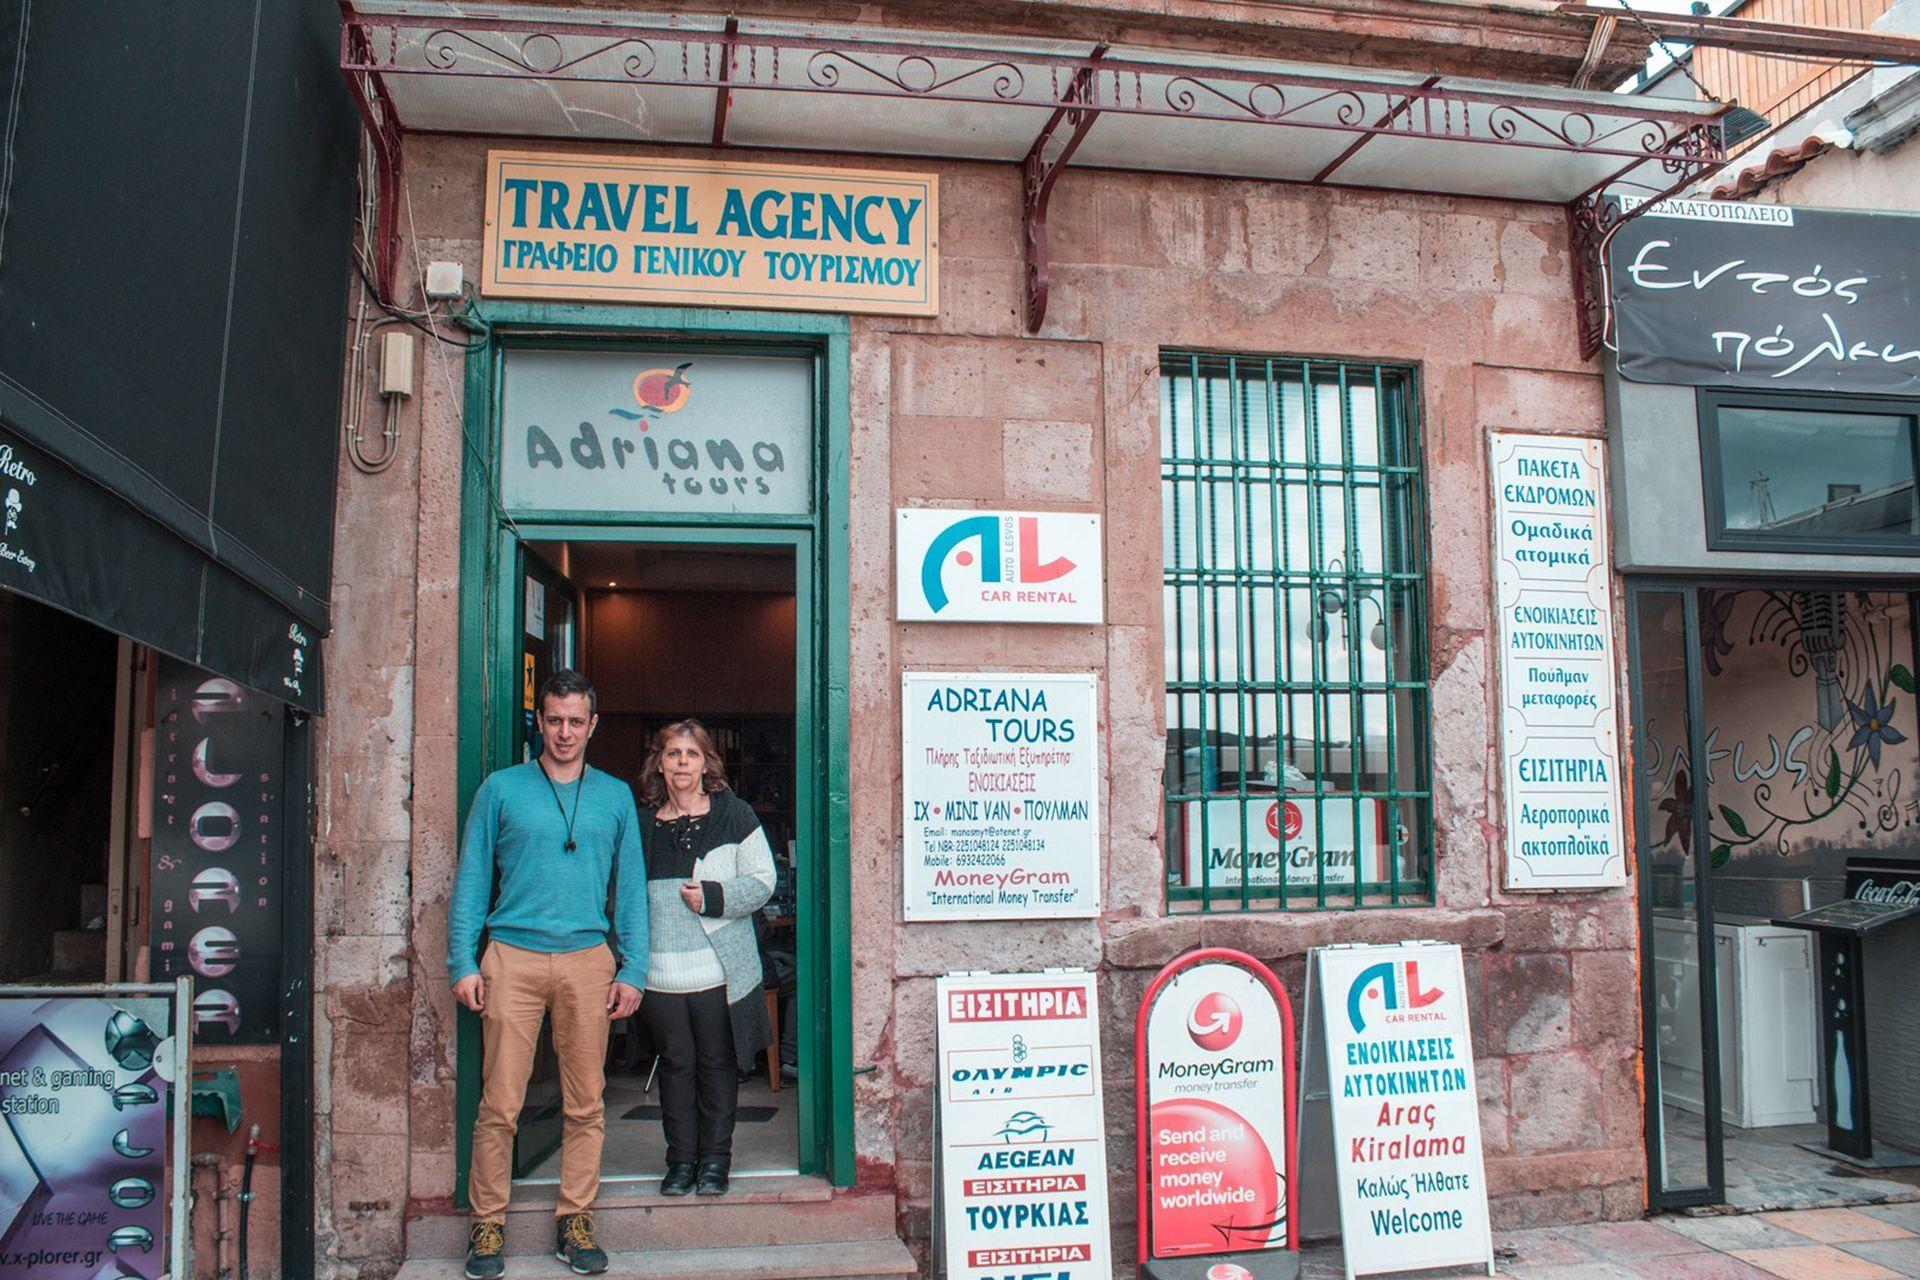 Panos Spanelis, dueño de una agencia de viajes, con su esposa